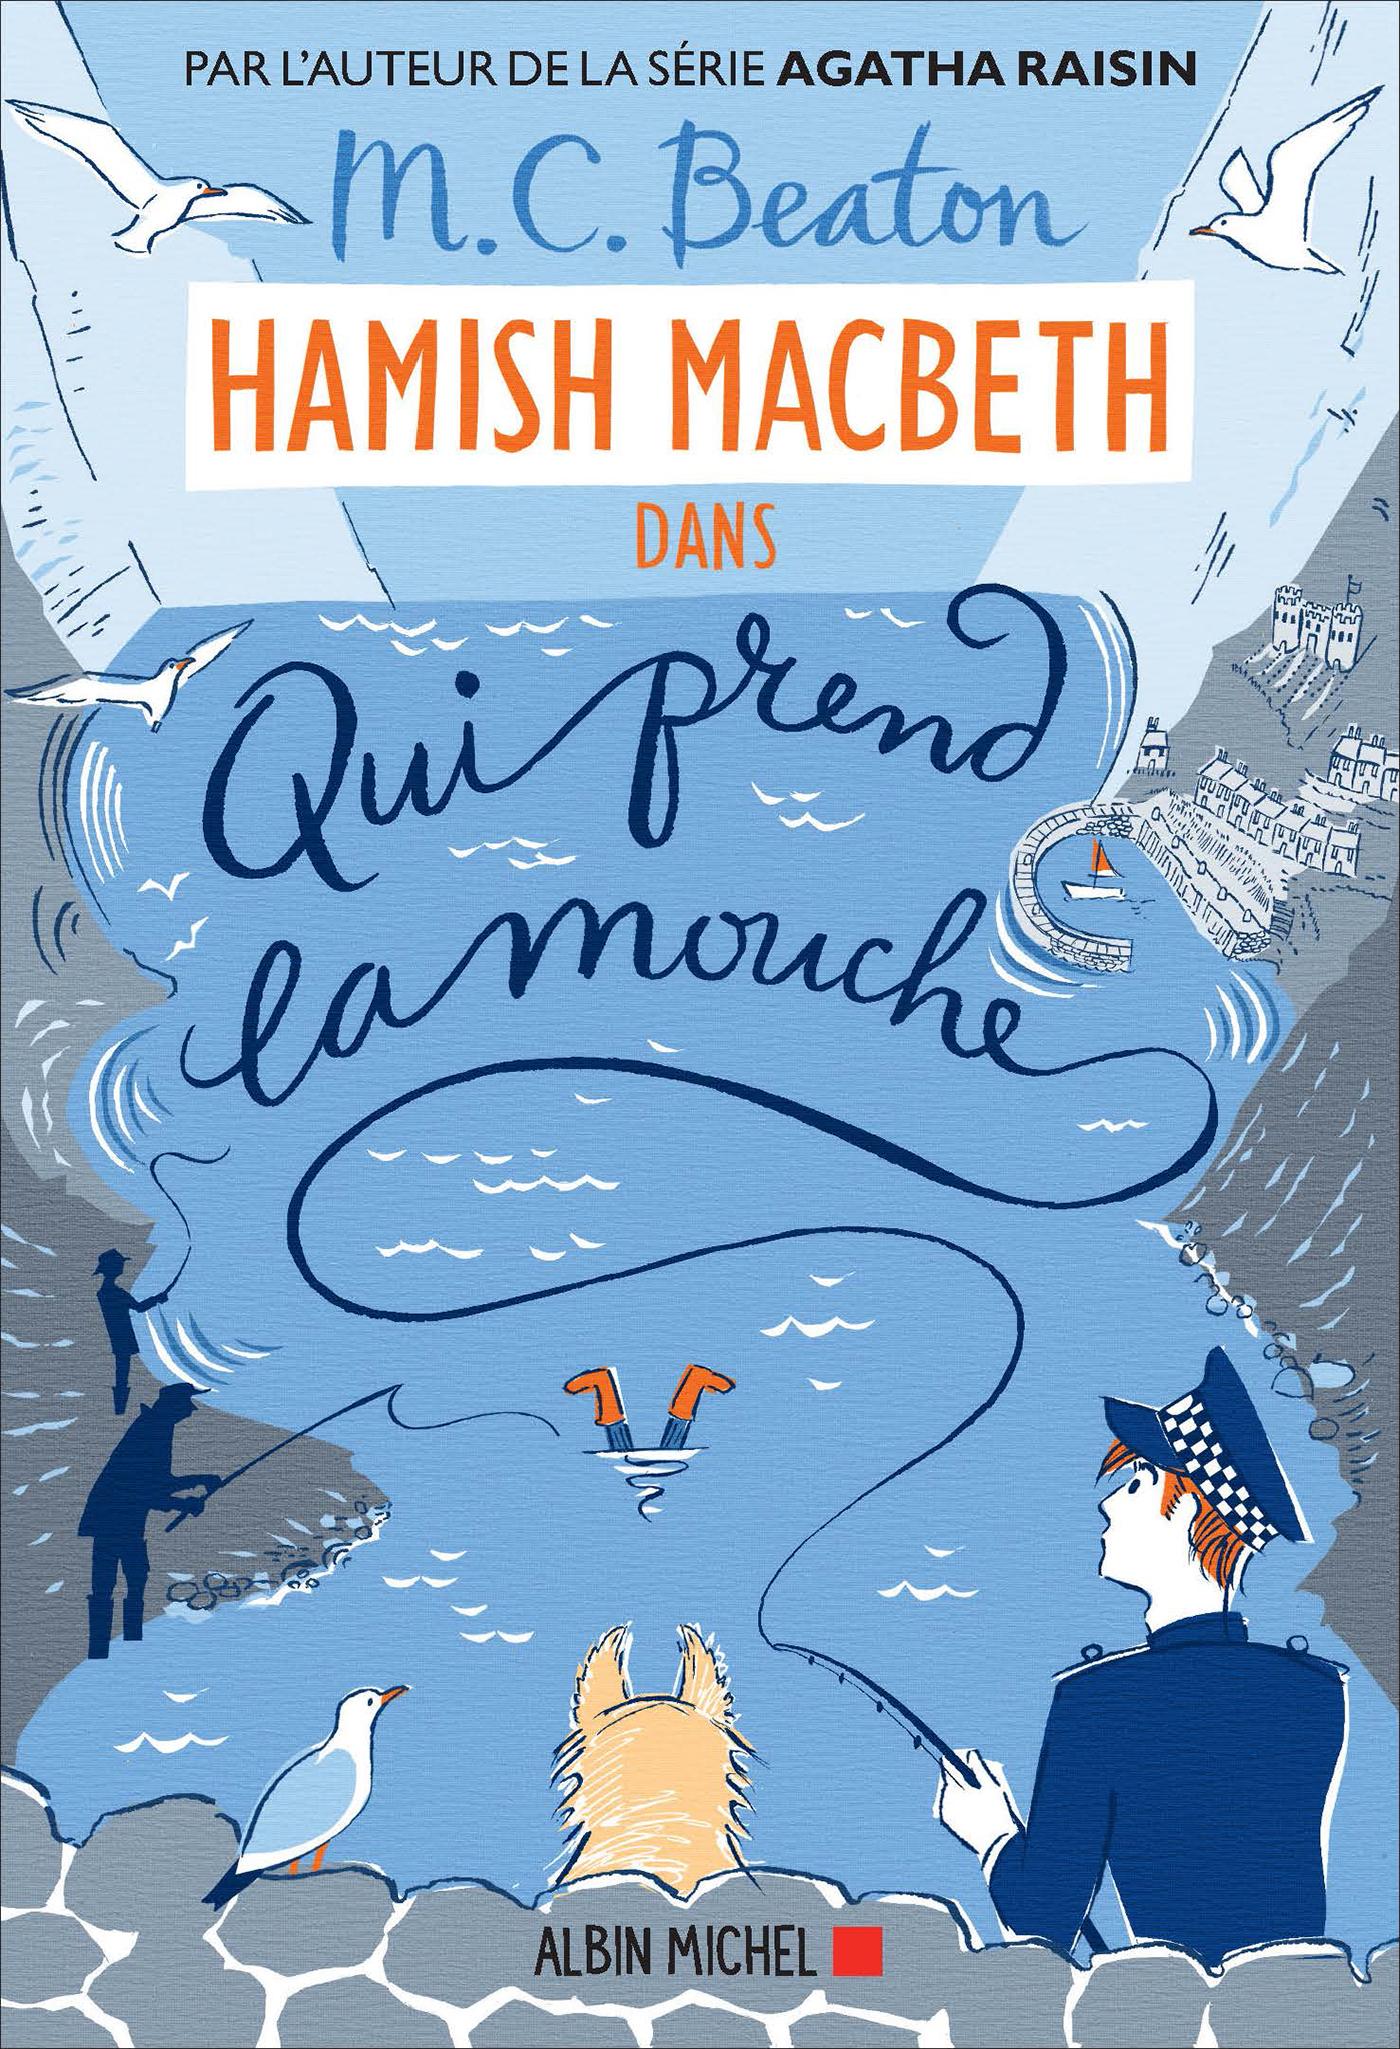 Hamish Macbeth 1 - Qui prend la mouche | Beaton, M. C.. Auteur